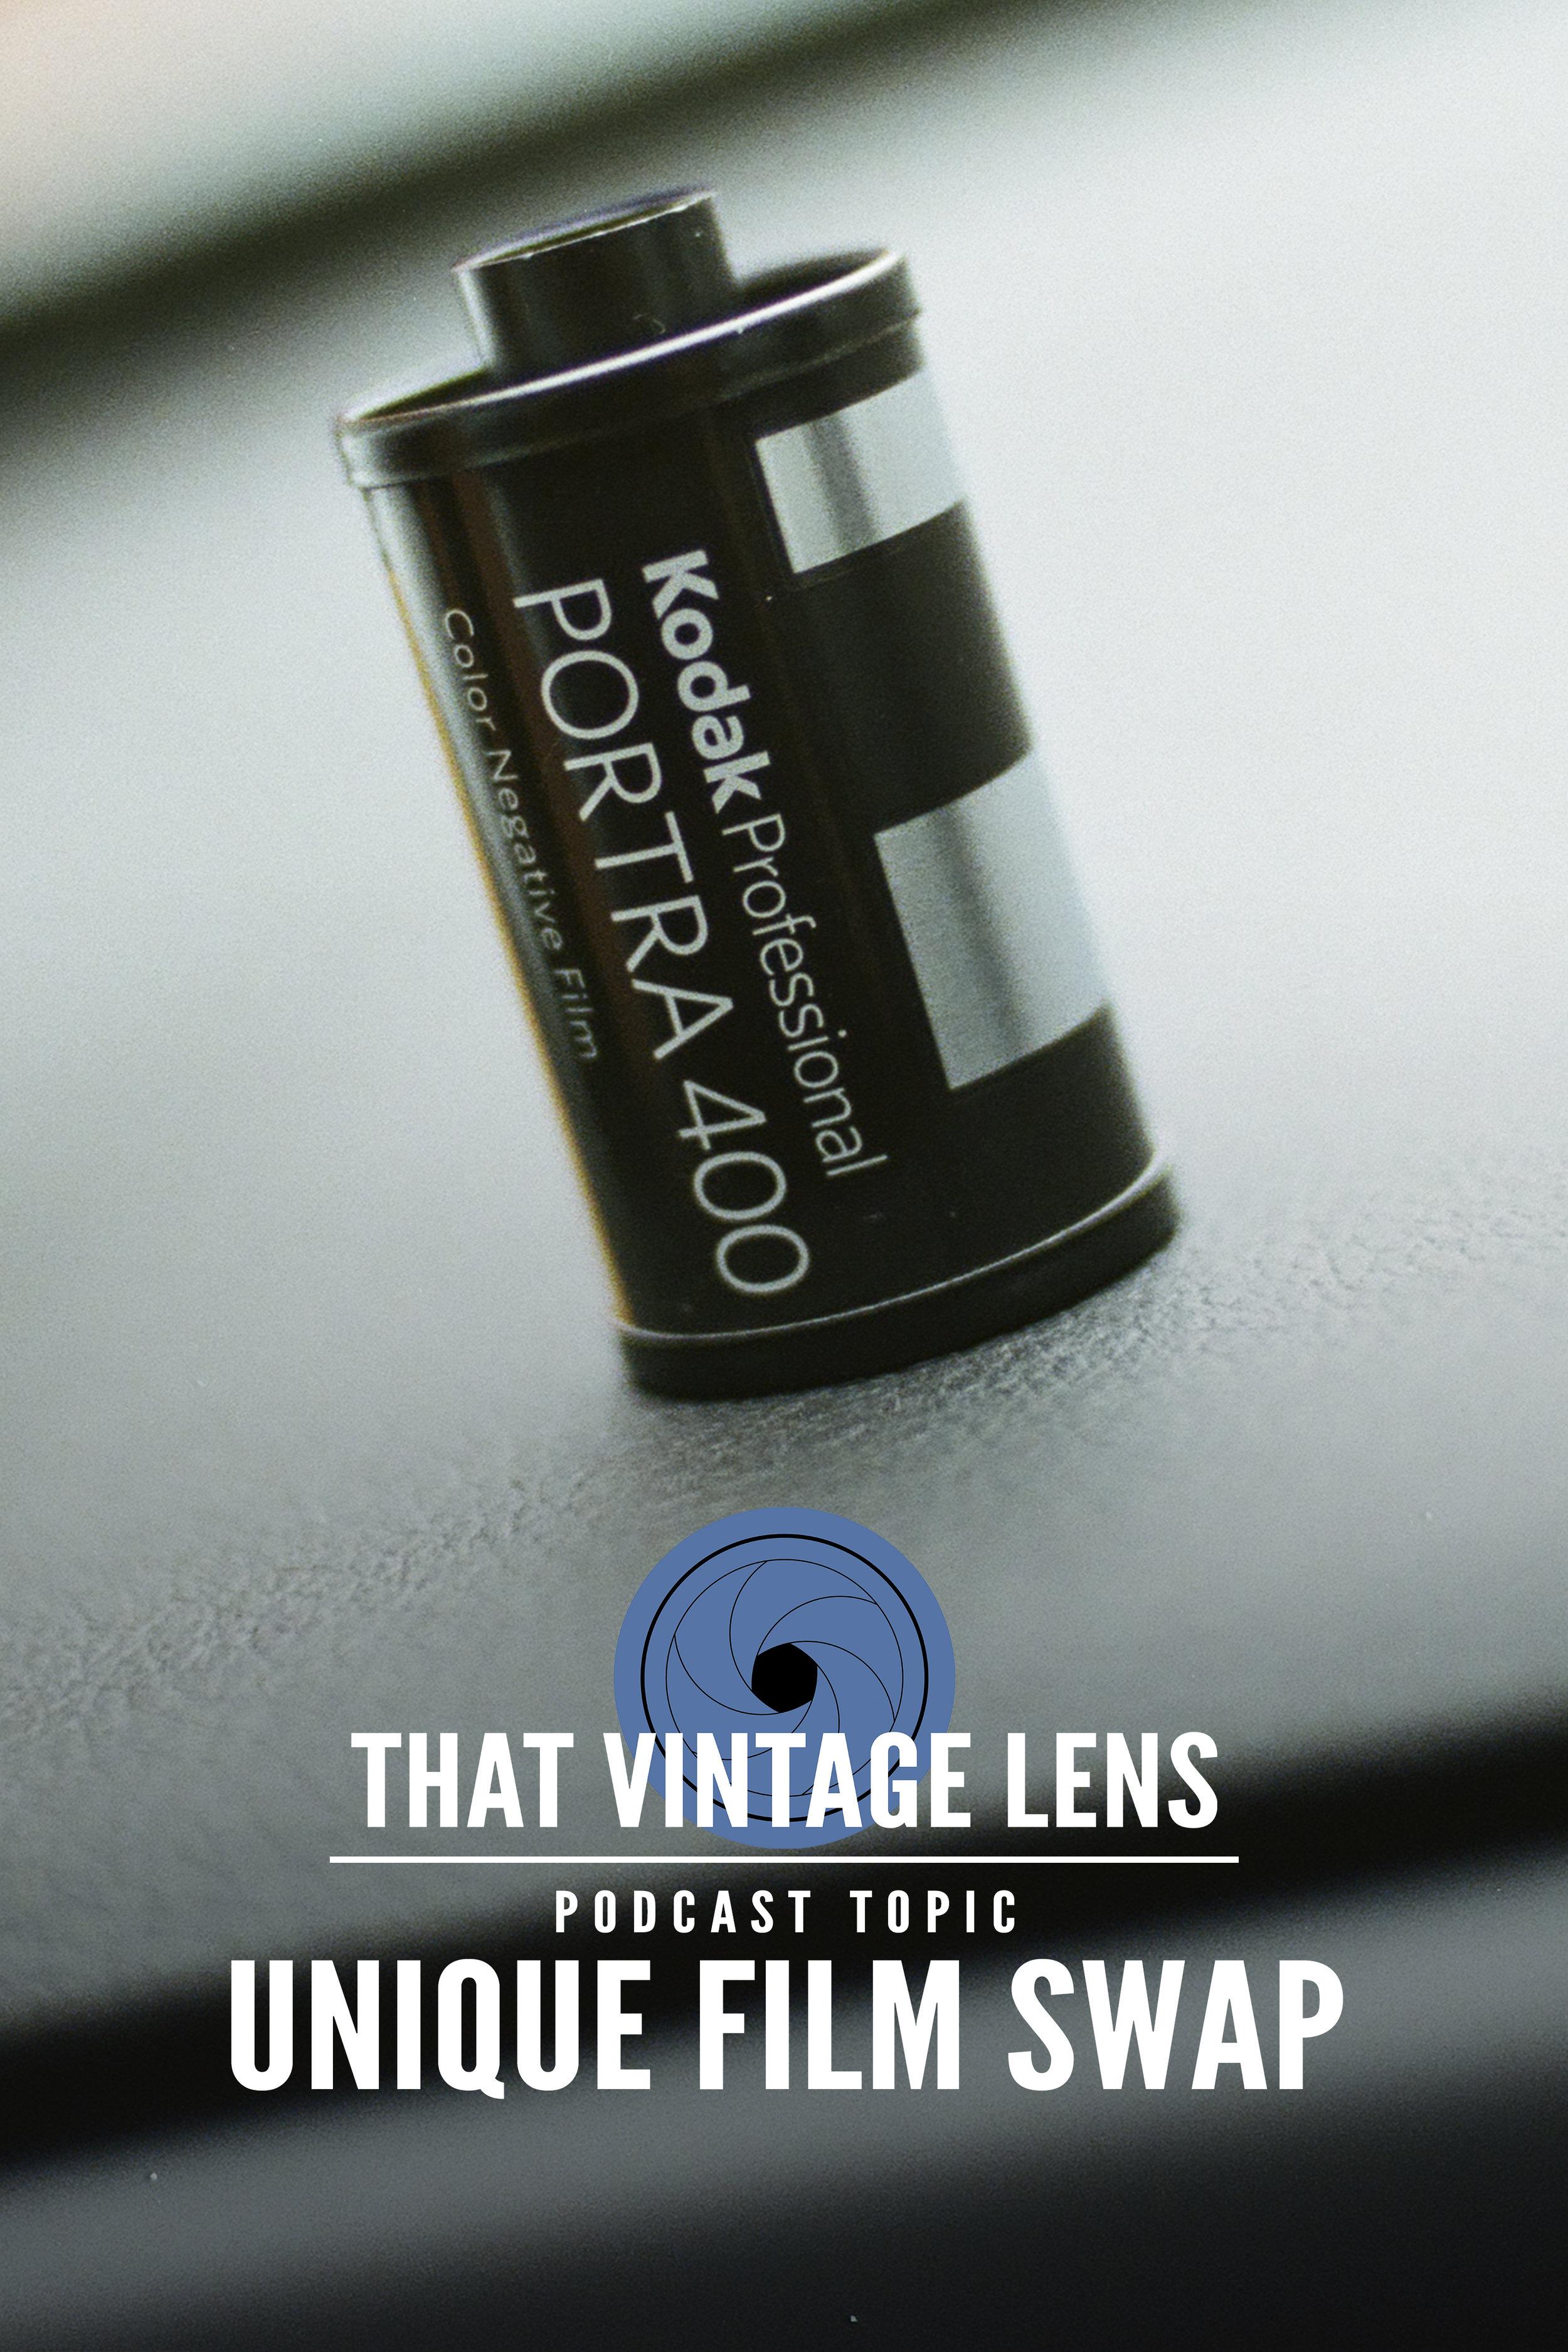 004 Unique Film Swap.jpg